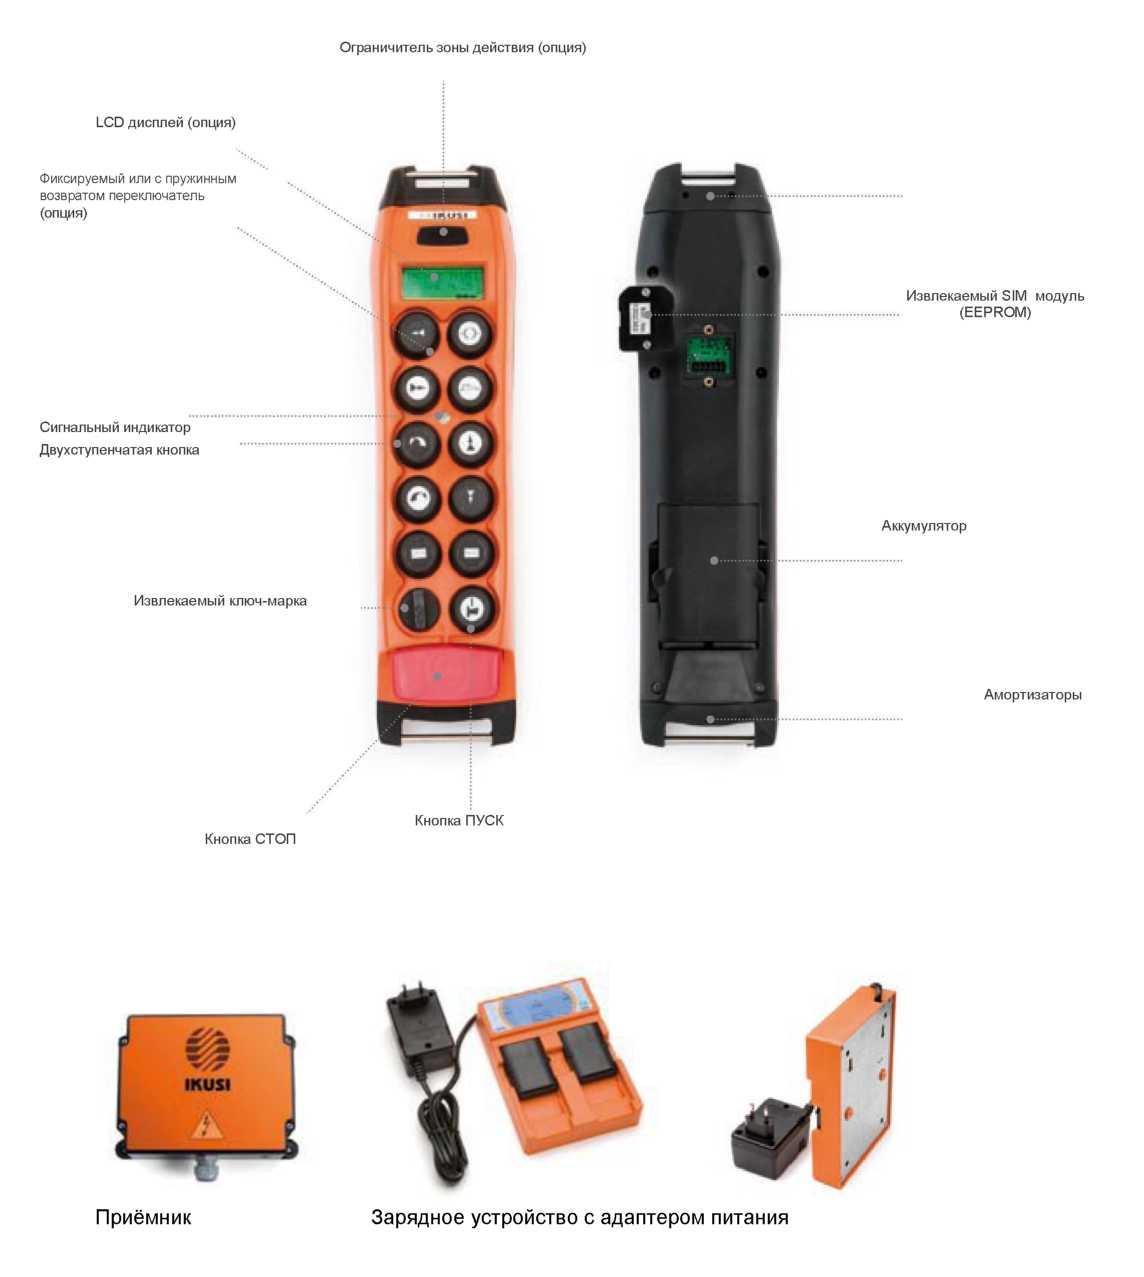 Системы дистанционного радиоуправления с кнопочными пультами-передатчиками